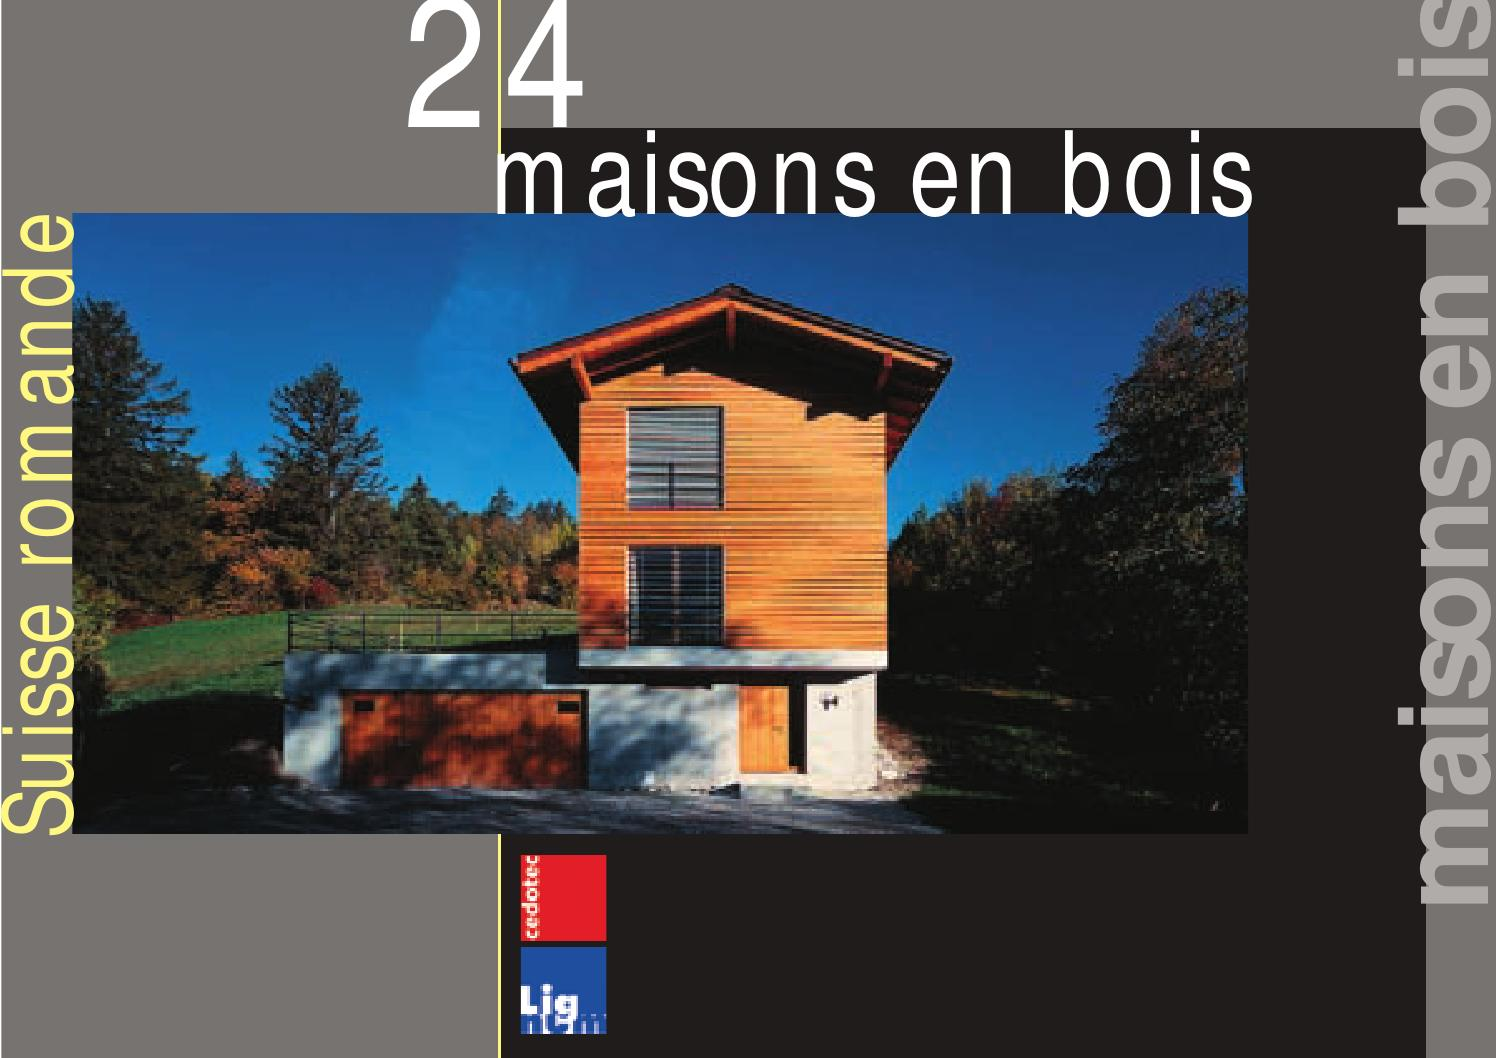 24 maisons en bois suisse romande by cedotec issuu - Incroyable maison monolithique en suisse ...